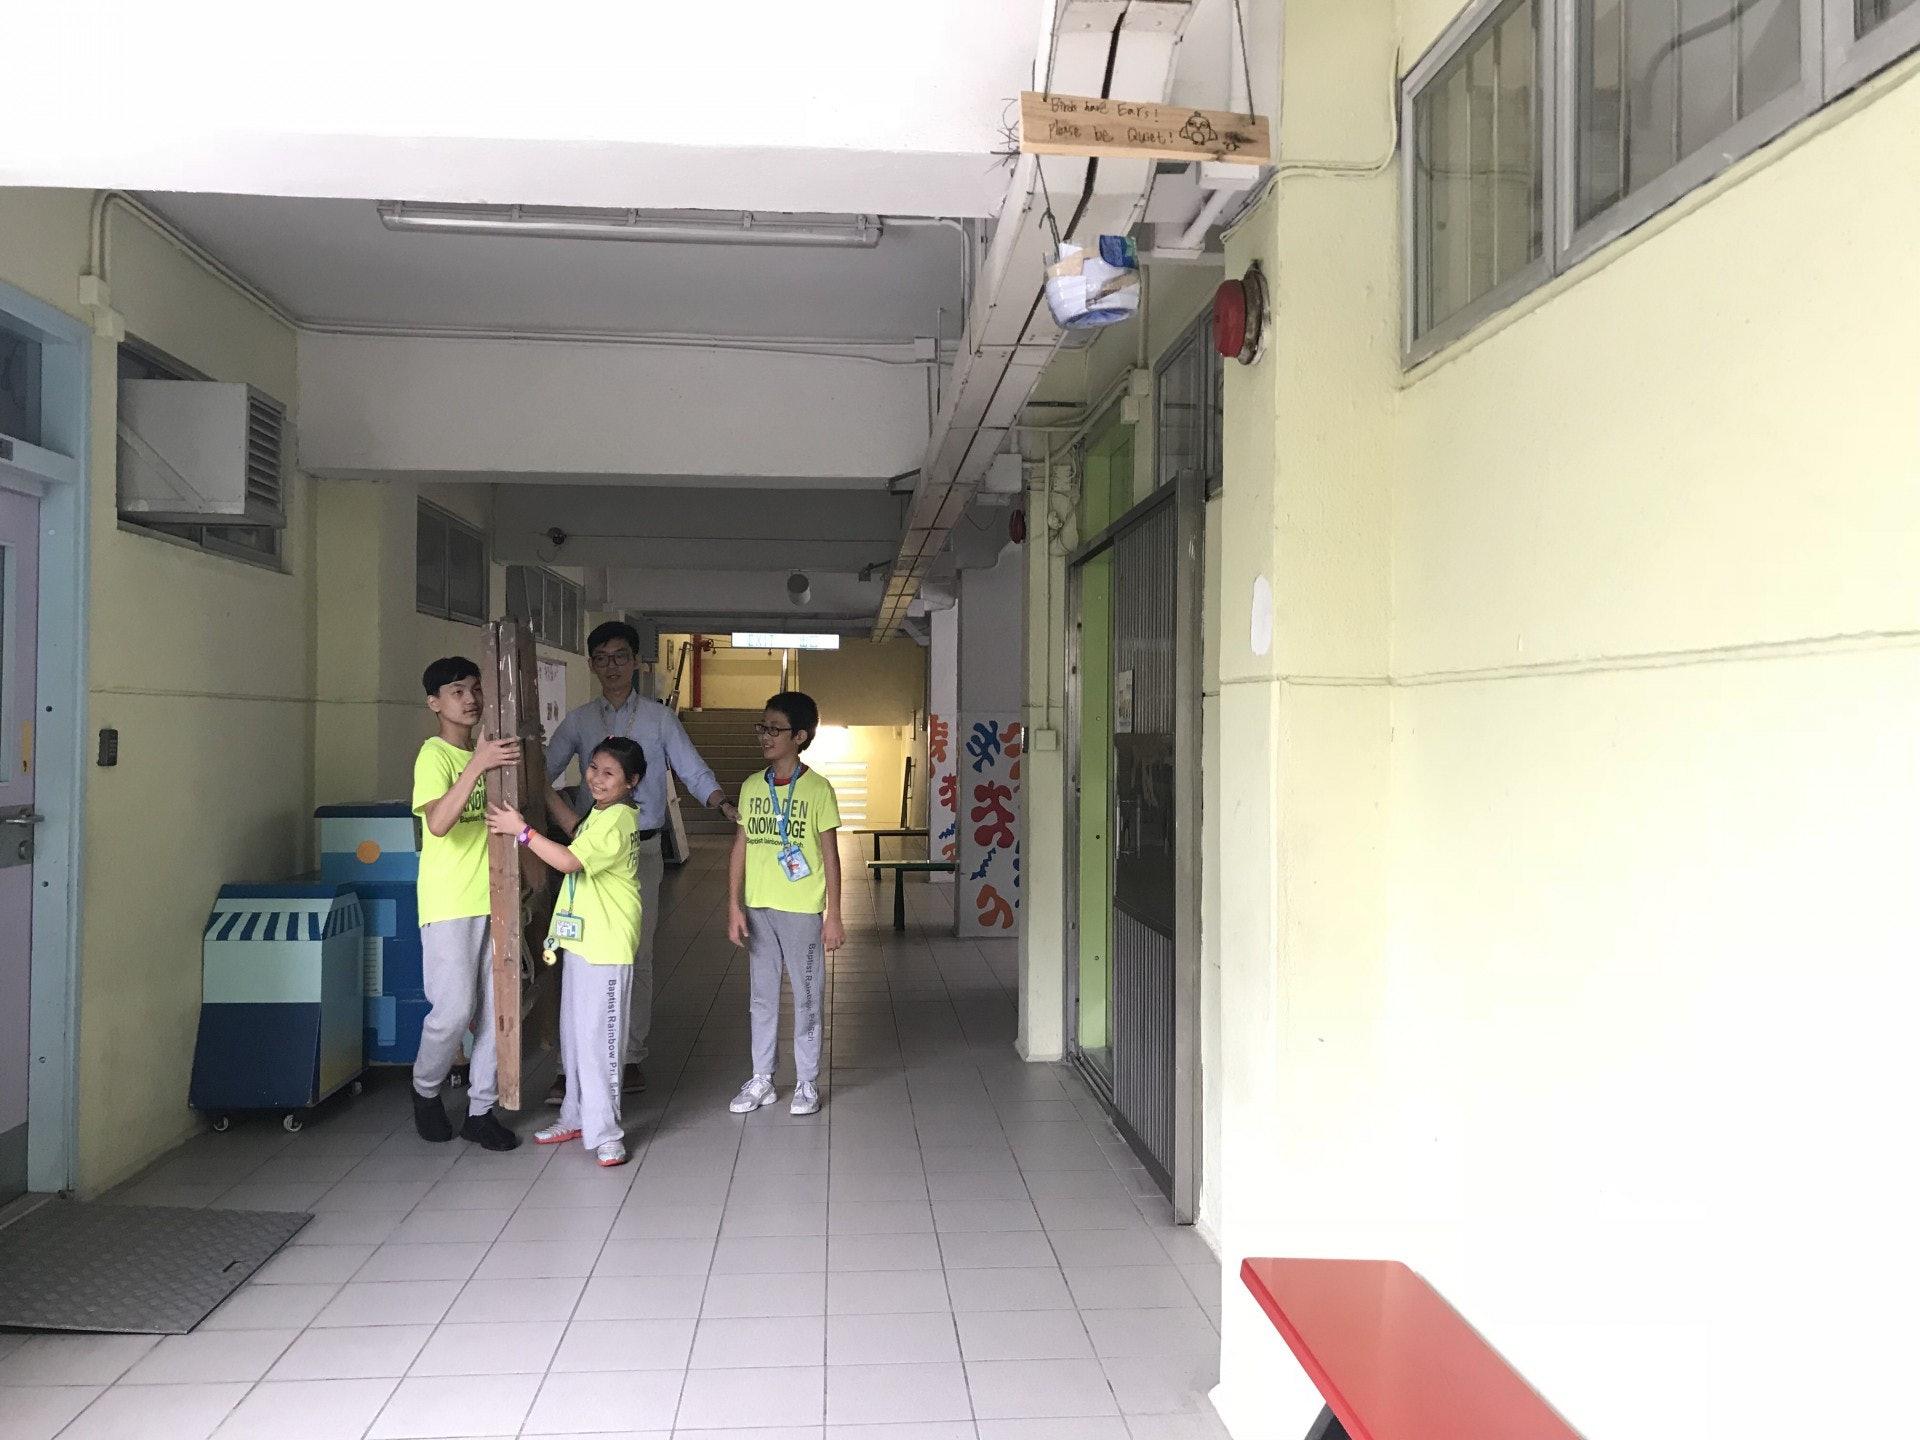 該鳥巢位於課室門外上方的橫樑。(鄧穎琳攝)